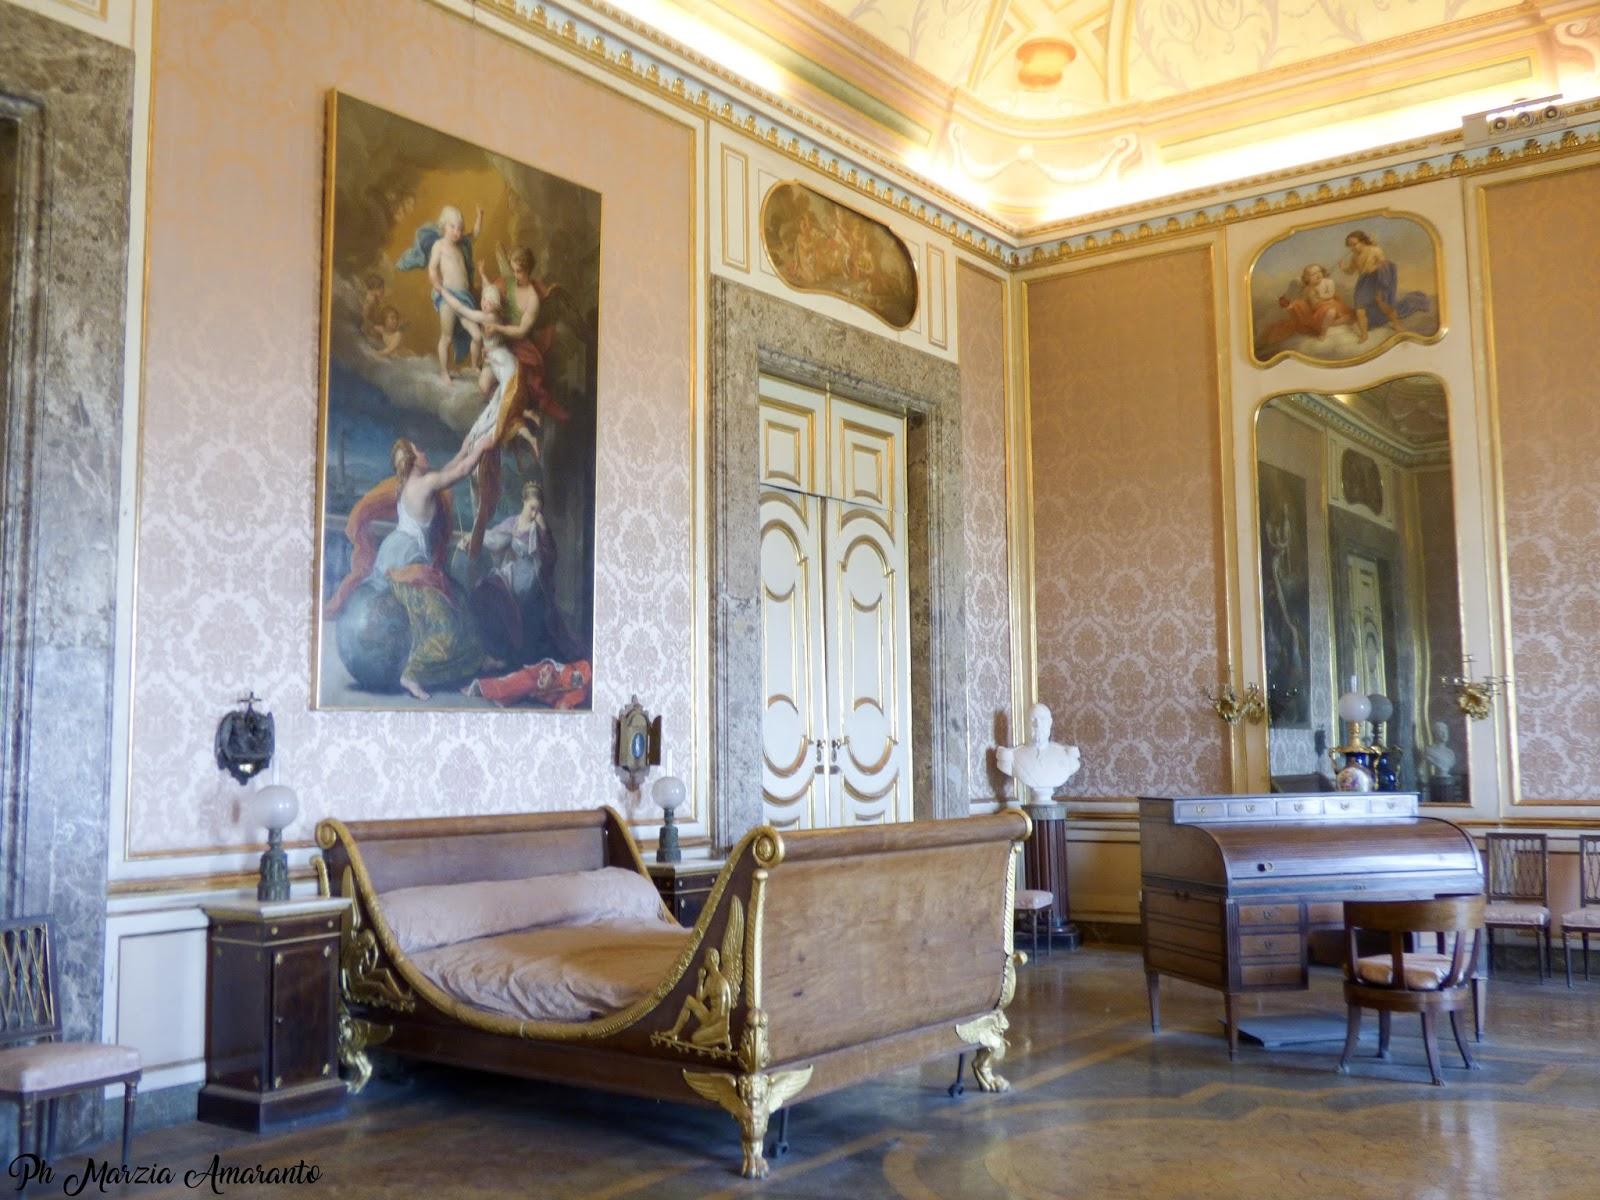 Camera da letto di Ferdinando II - Reggia Di Caserta